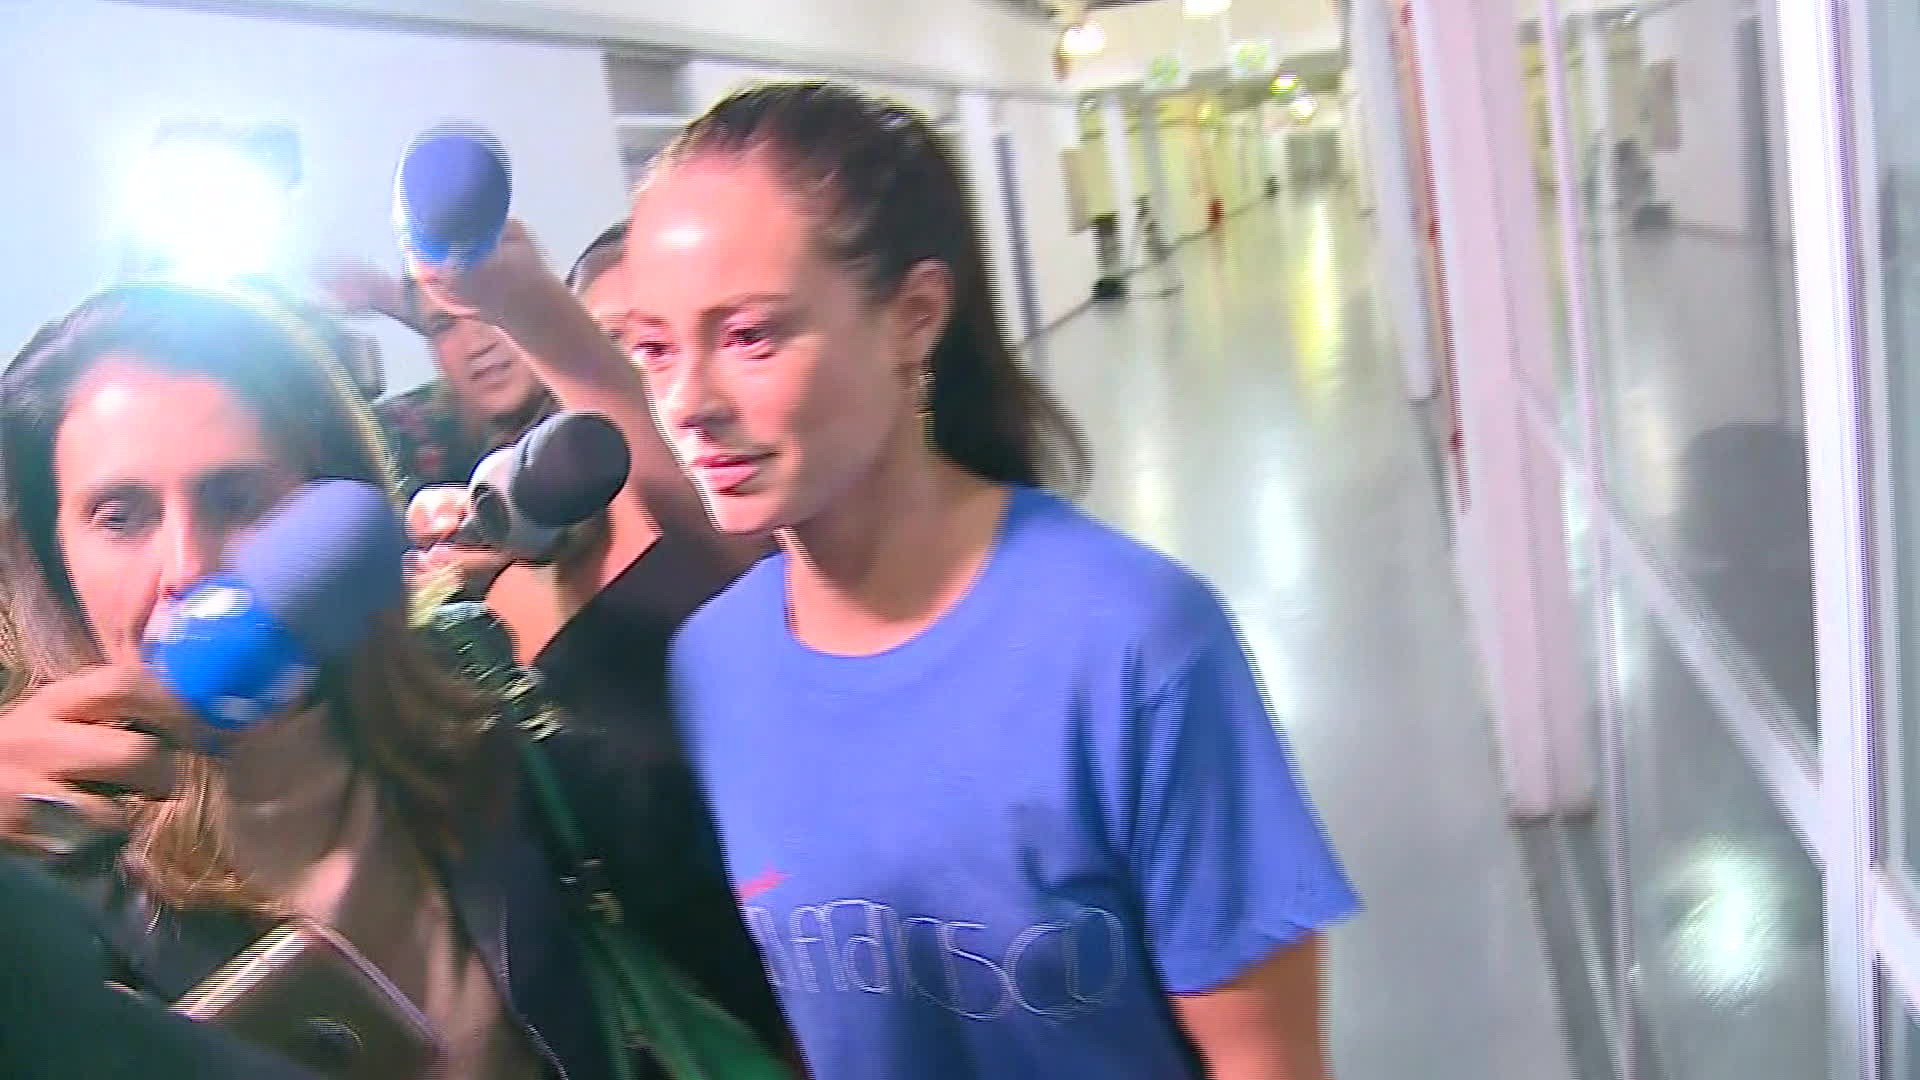 Paolla Oliveira registra ocorrência sobre vídeo de sexo falsamente atribuído a ela - Notícias - Plantão Diário